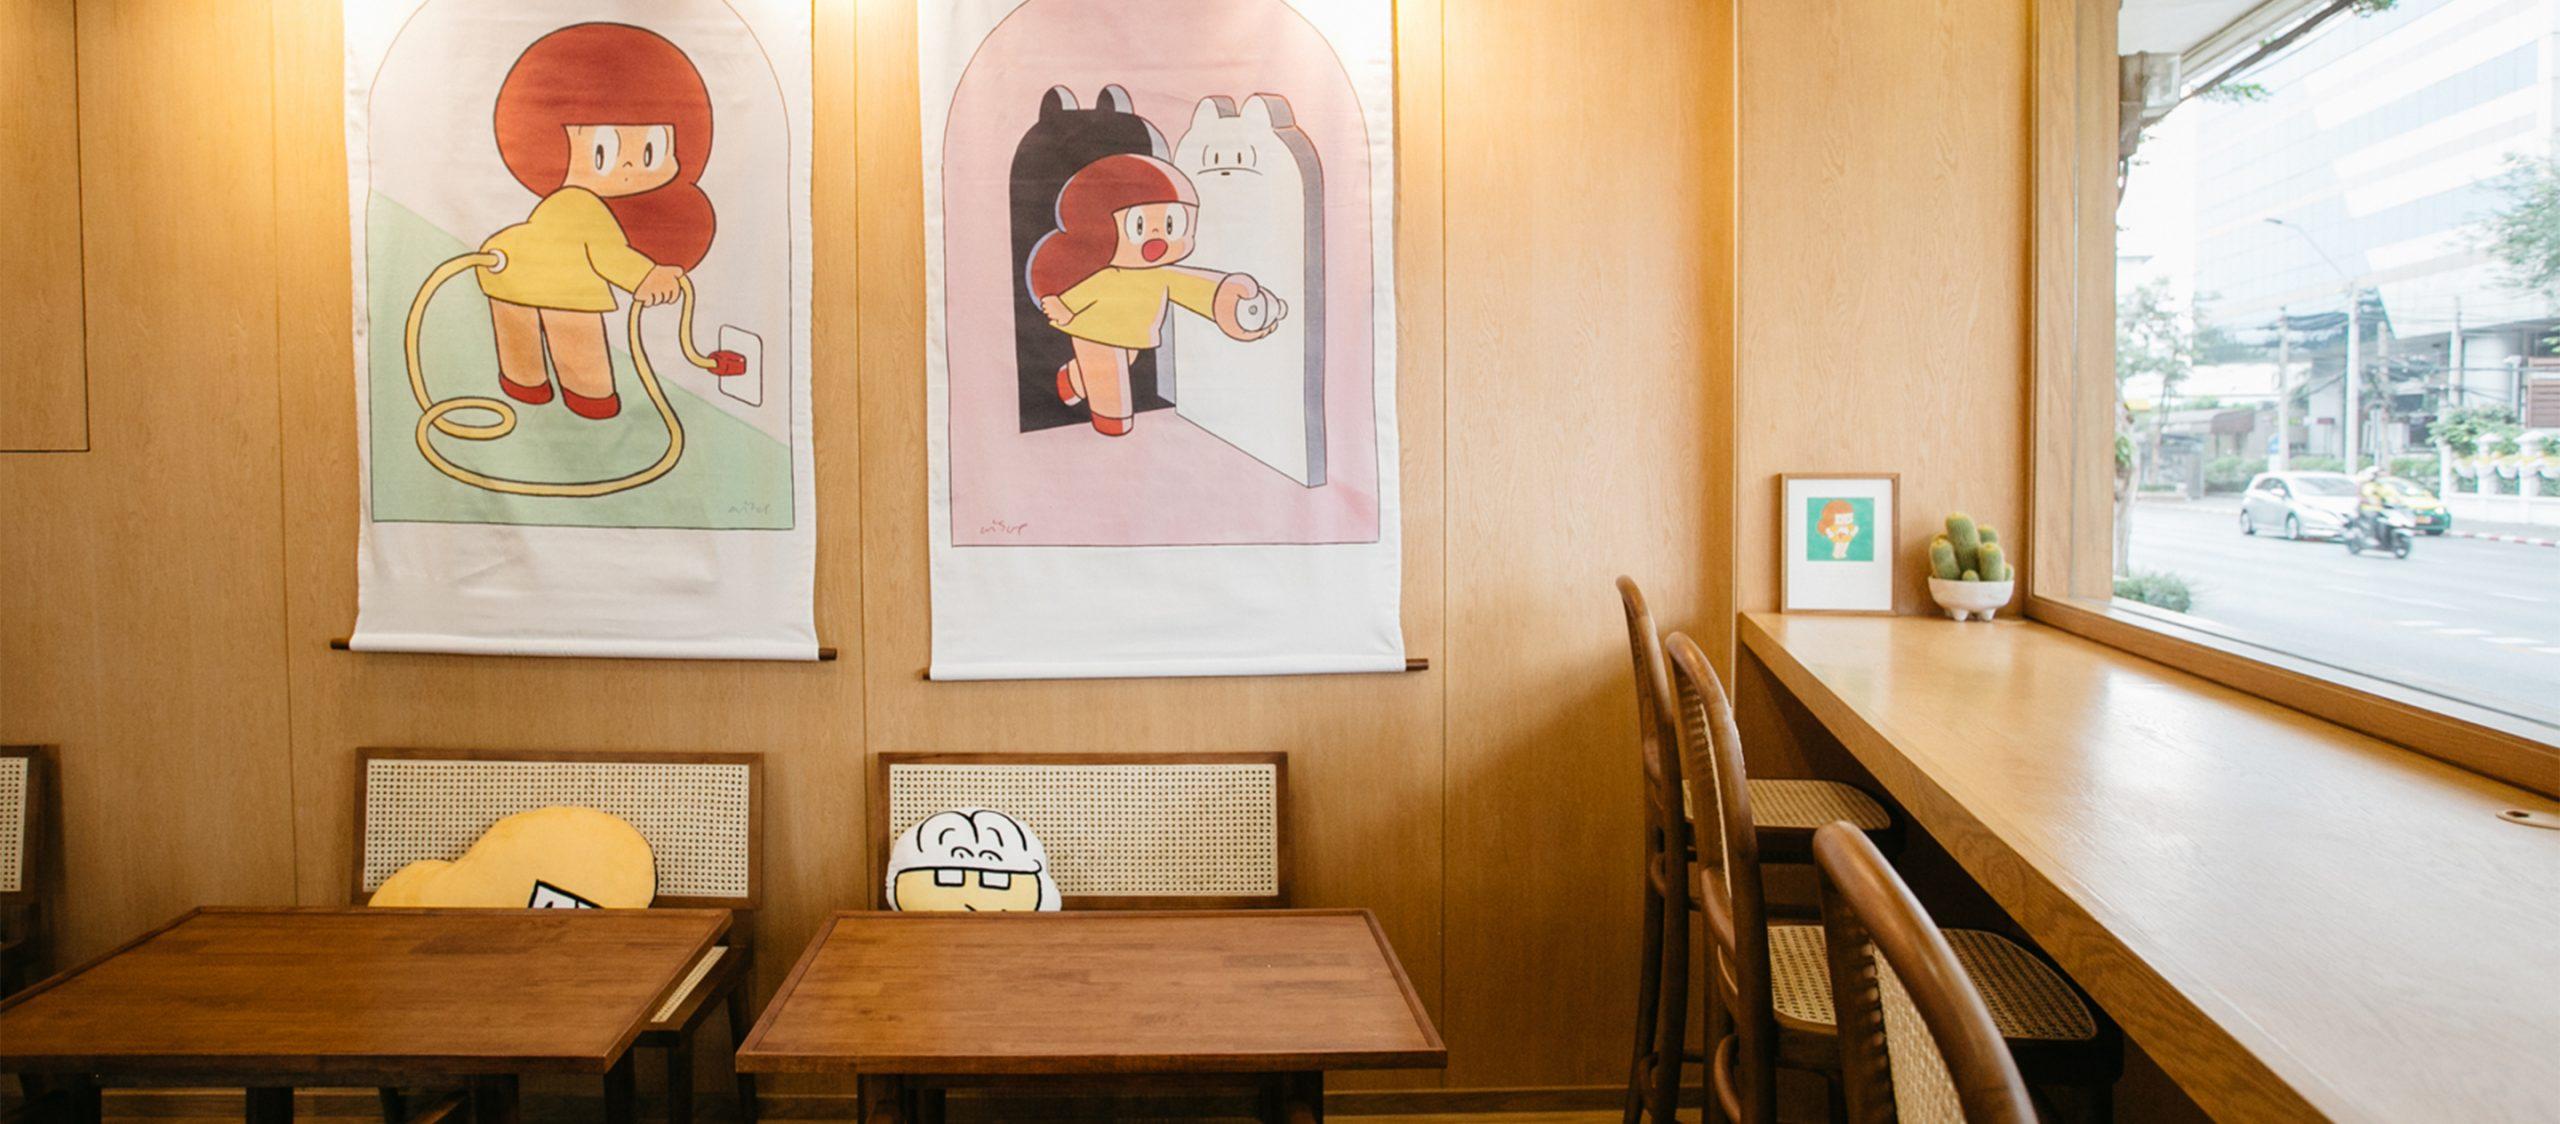 """""""อิ่มใจ อิ่มไปถึงท้องเลย"""" Mamuang Cafe คาเฟ่ที่เสิร์ฟเมนูอร่อยจากคาแร็กเตอร์ 'มะม่วงจัง'"""